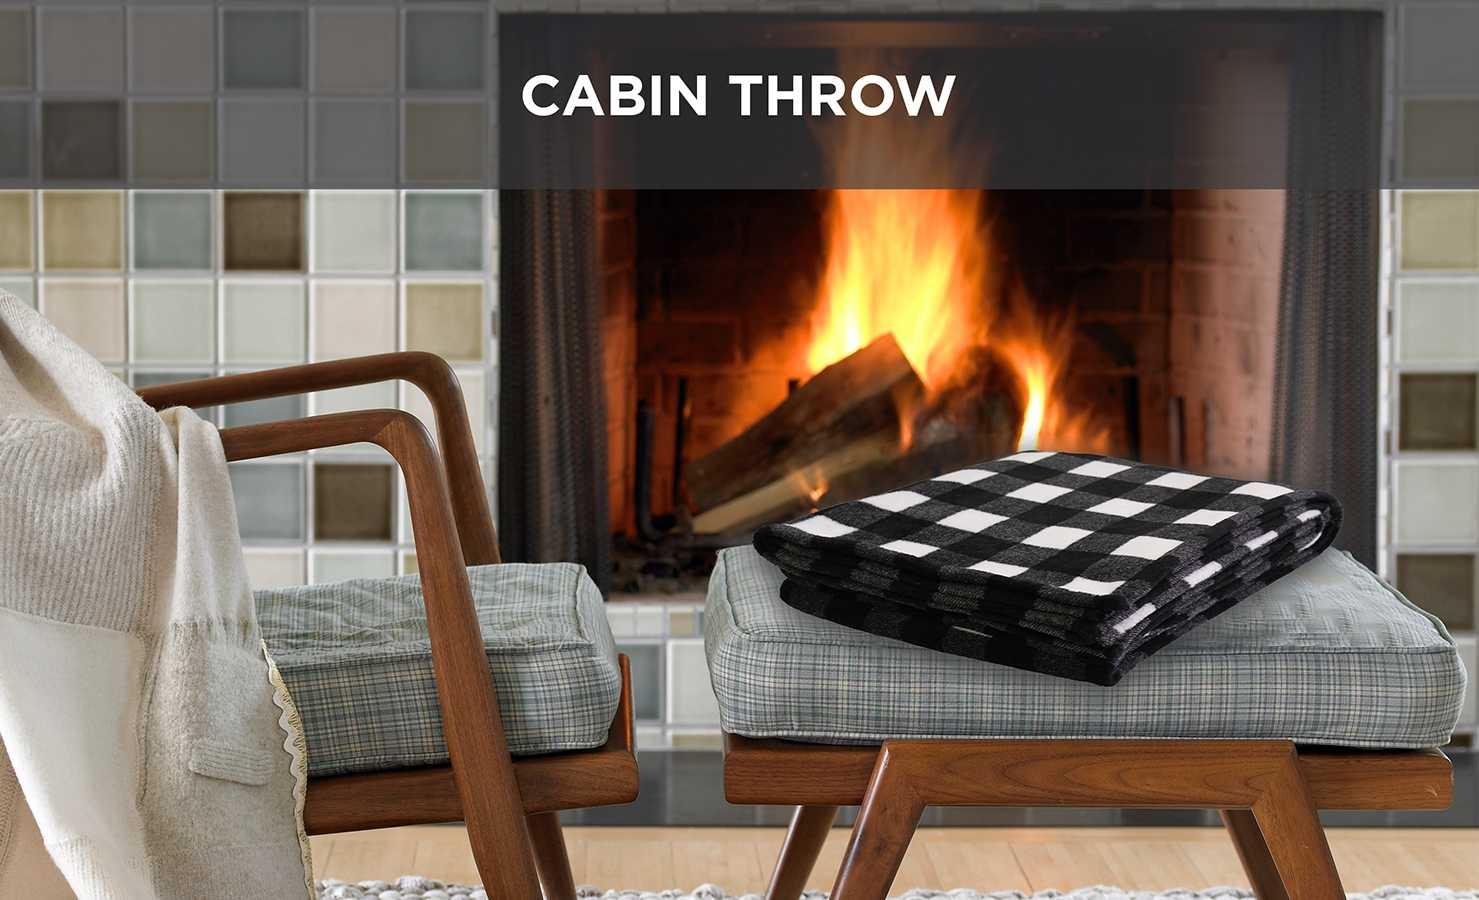 Cabin Throw AIM